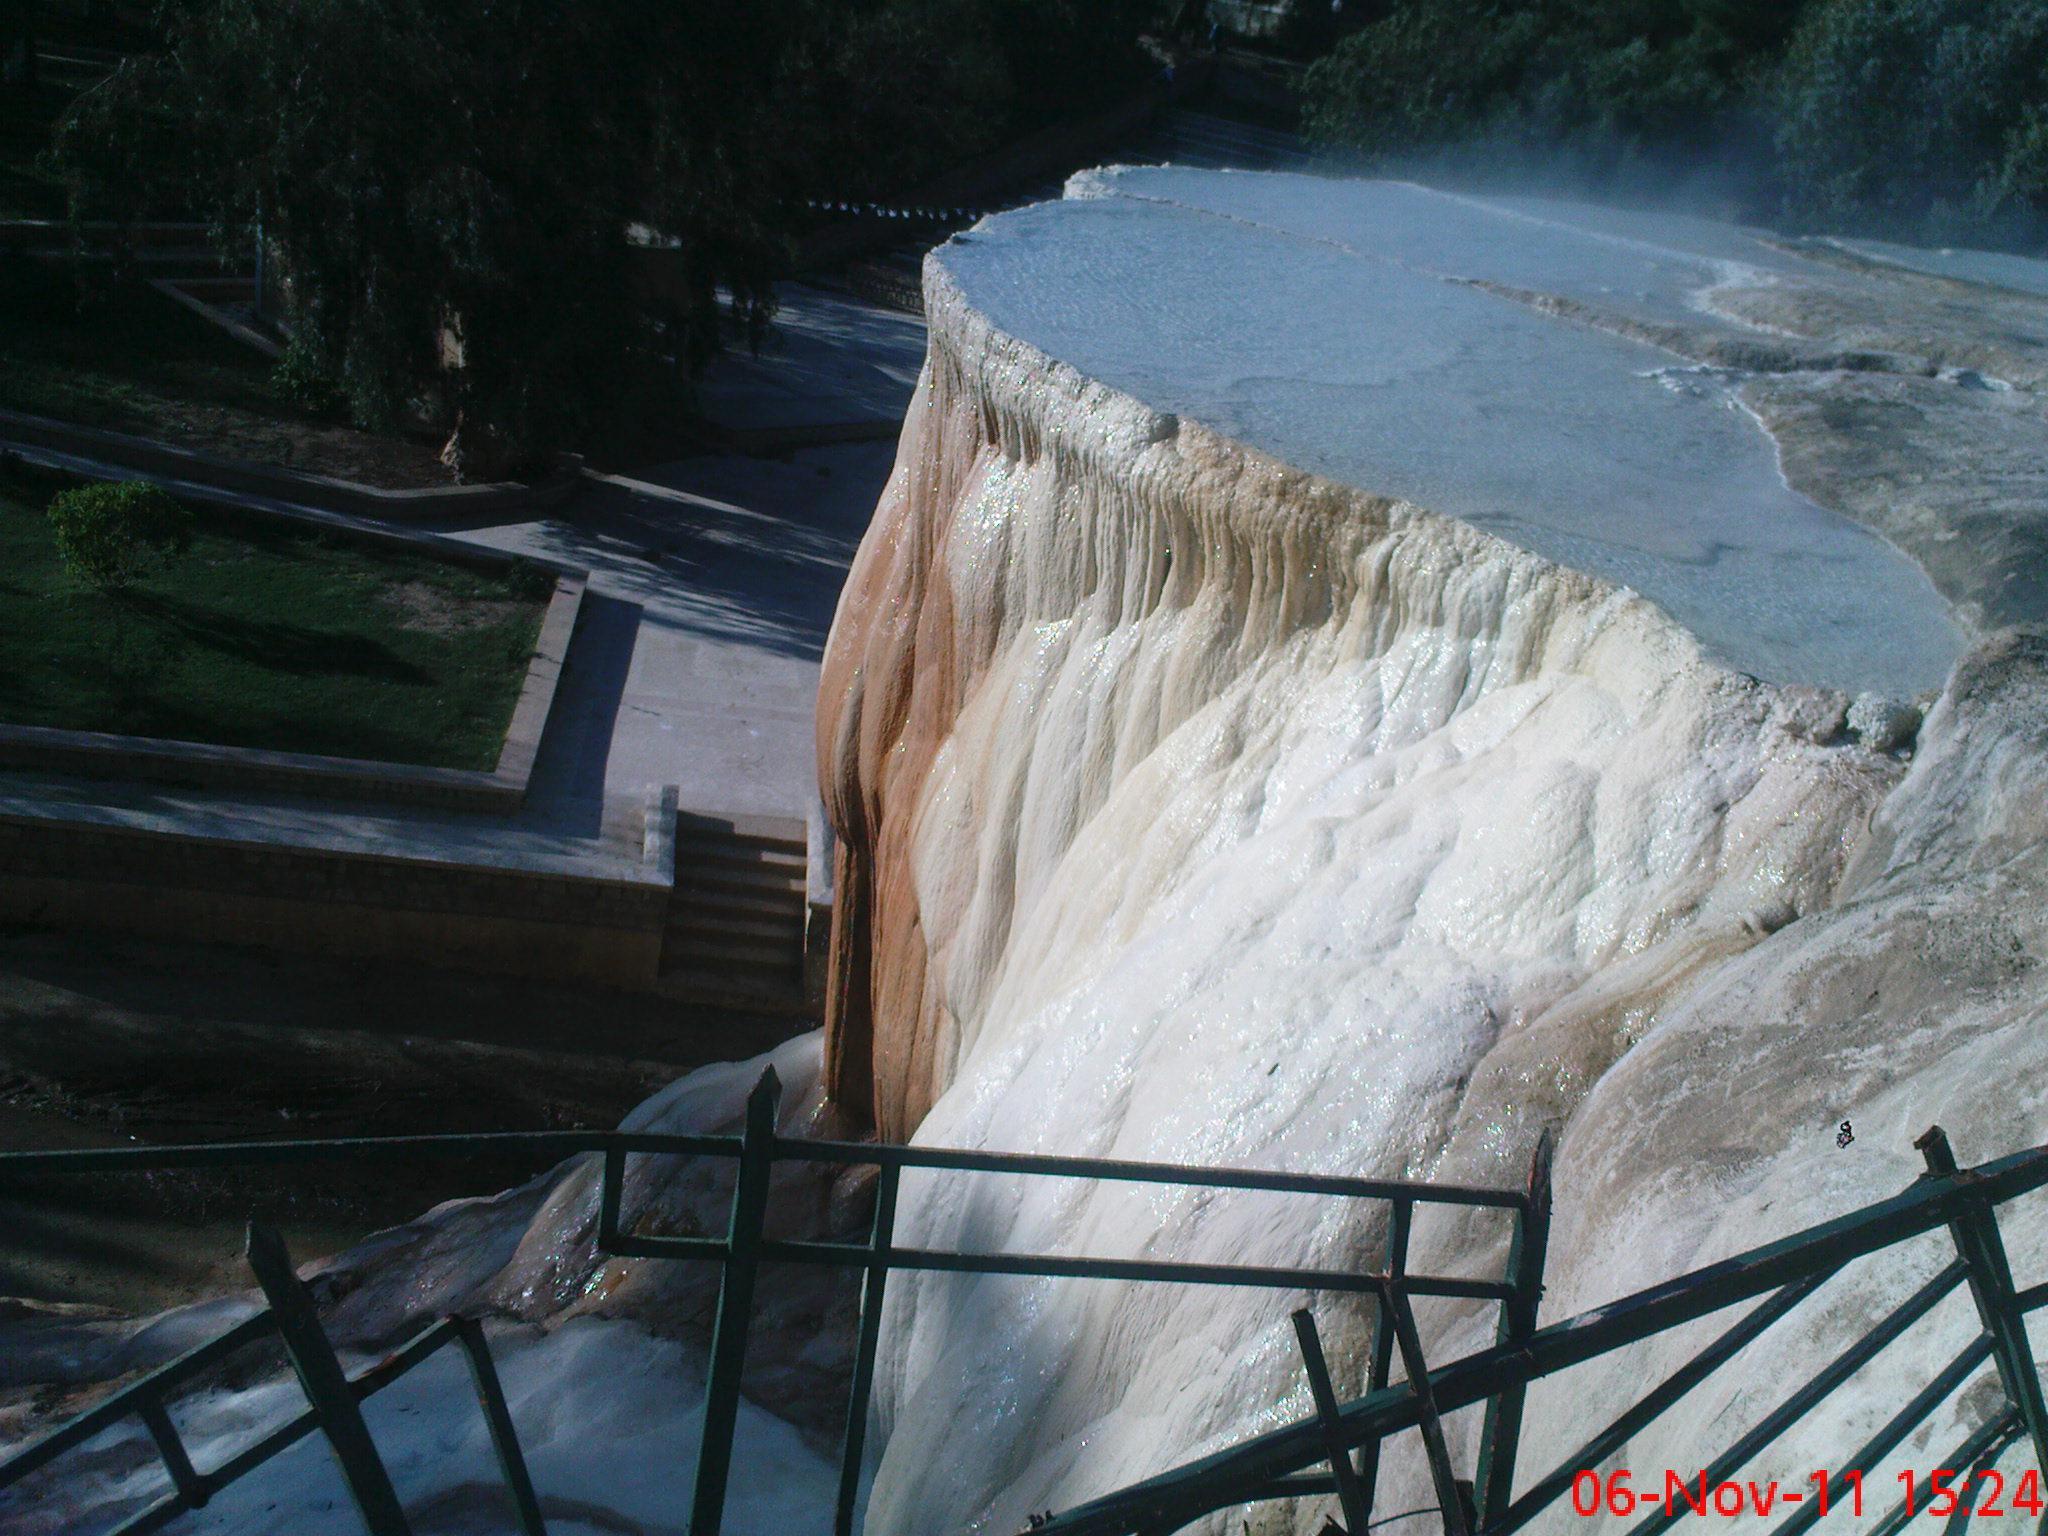 صور حصرية من حمام الشلالة حمام دباغ 454678654